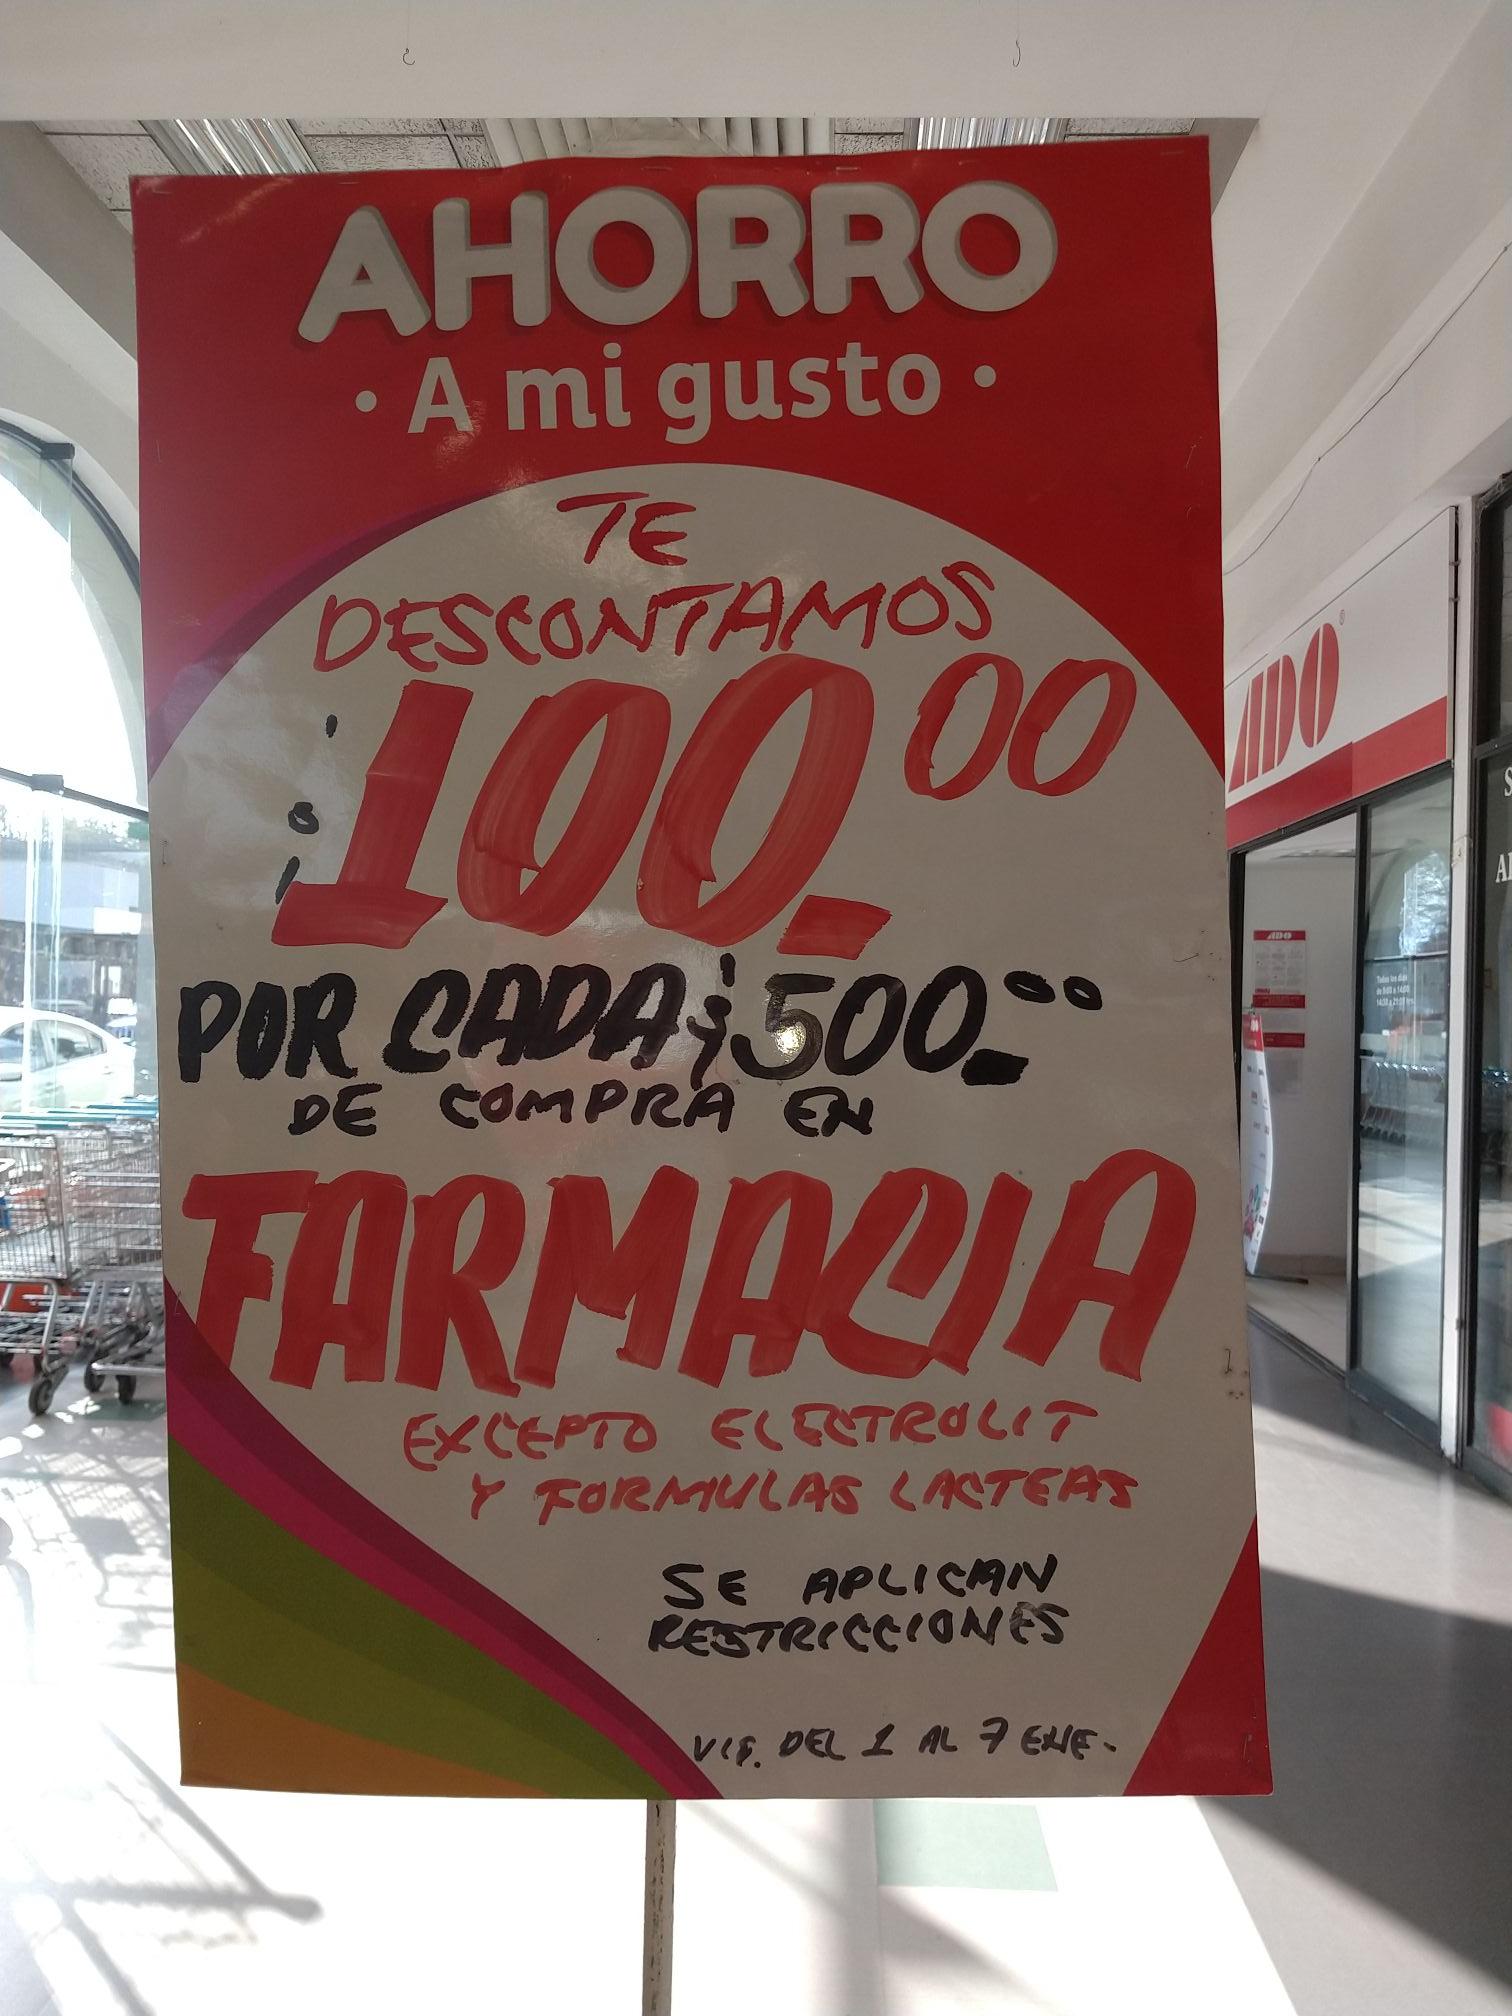 Mega Soriana: $100 de descuento por cada $500 en farmacia